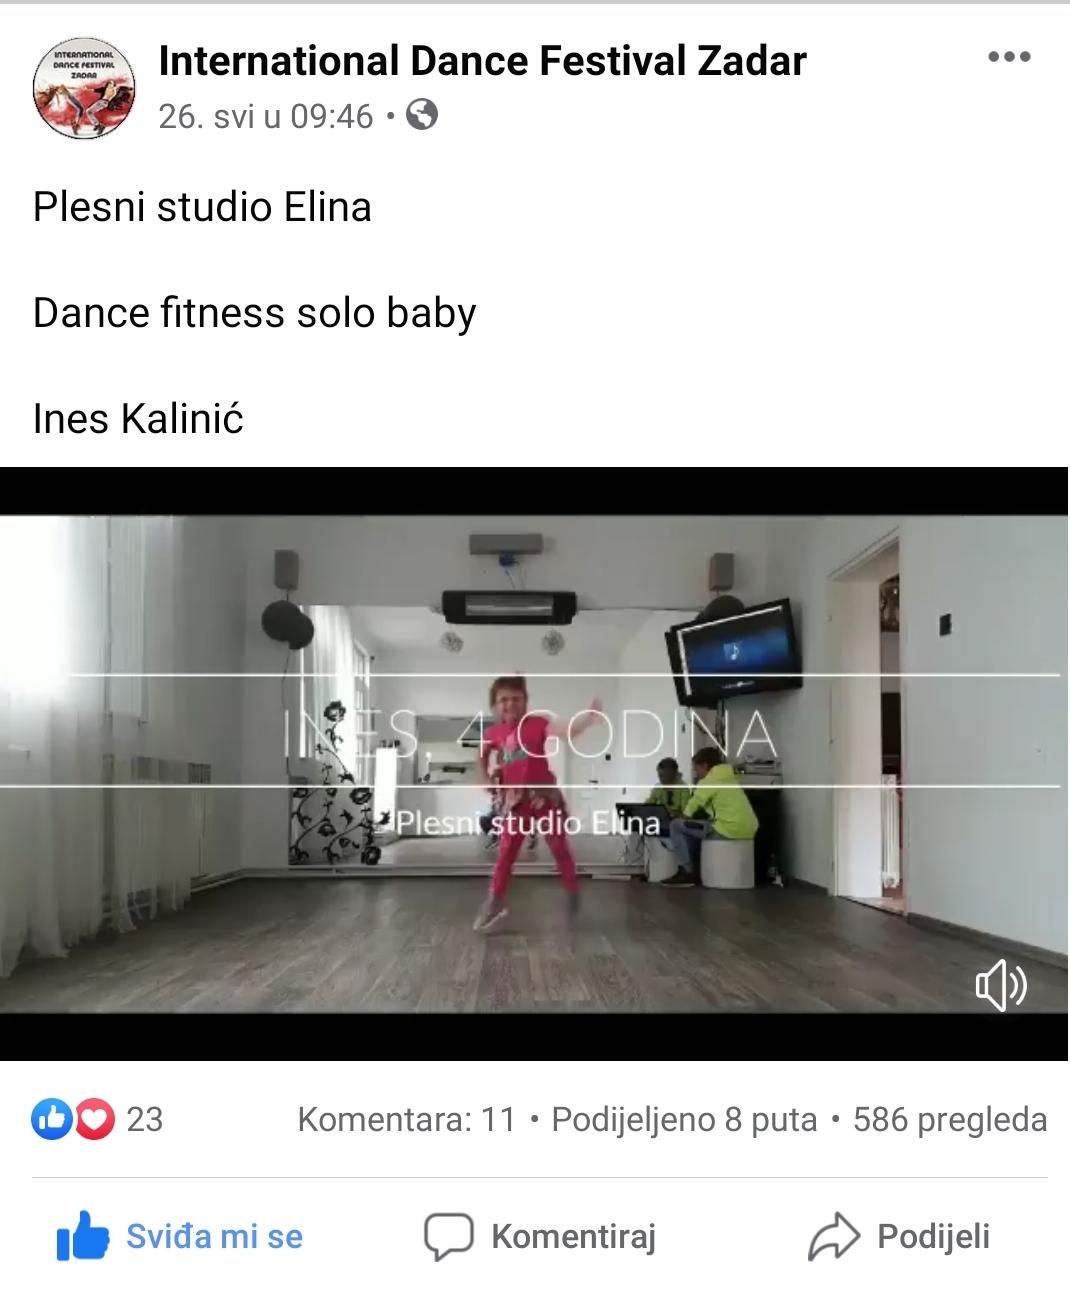 Odlični rezultati Plesnog studija Elina na prvom Online plesnom natjecanju